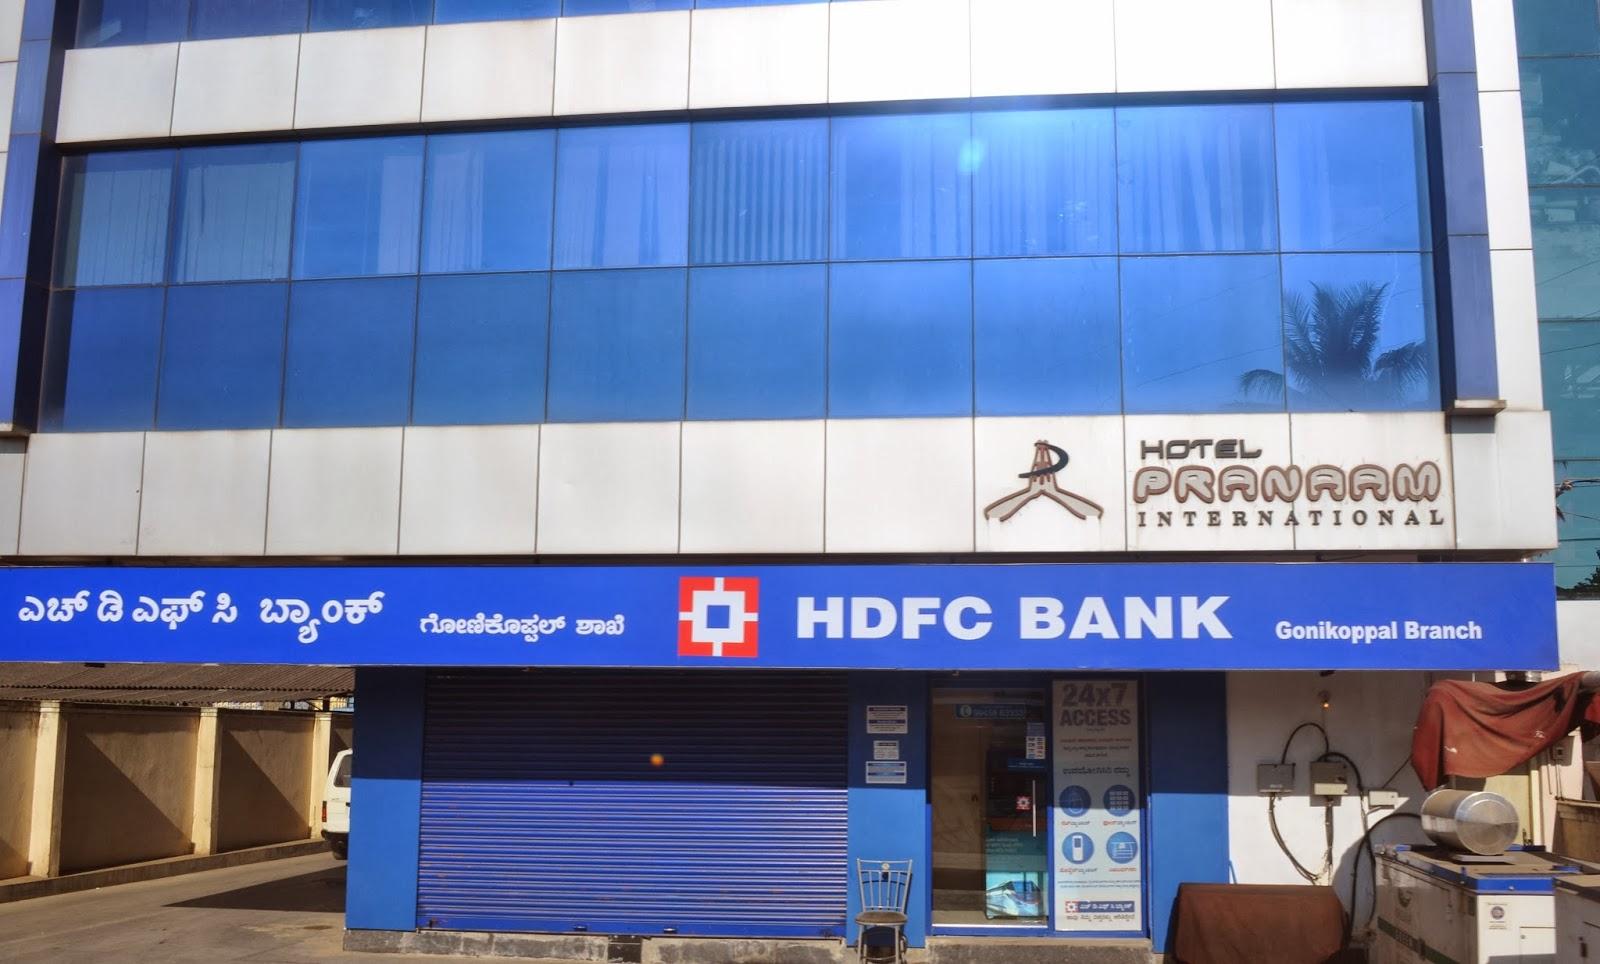 INDIAN TOUR: H D F C BANK